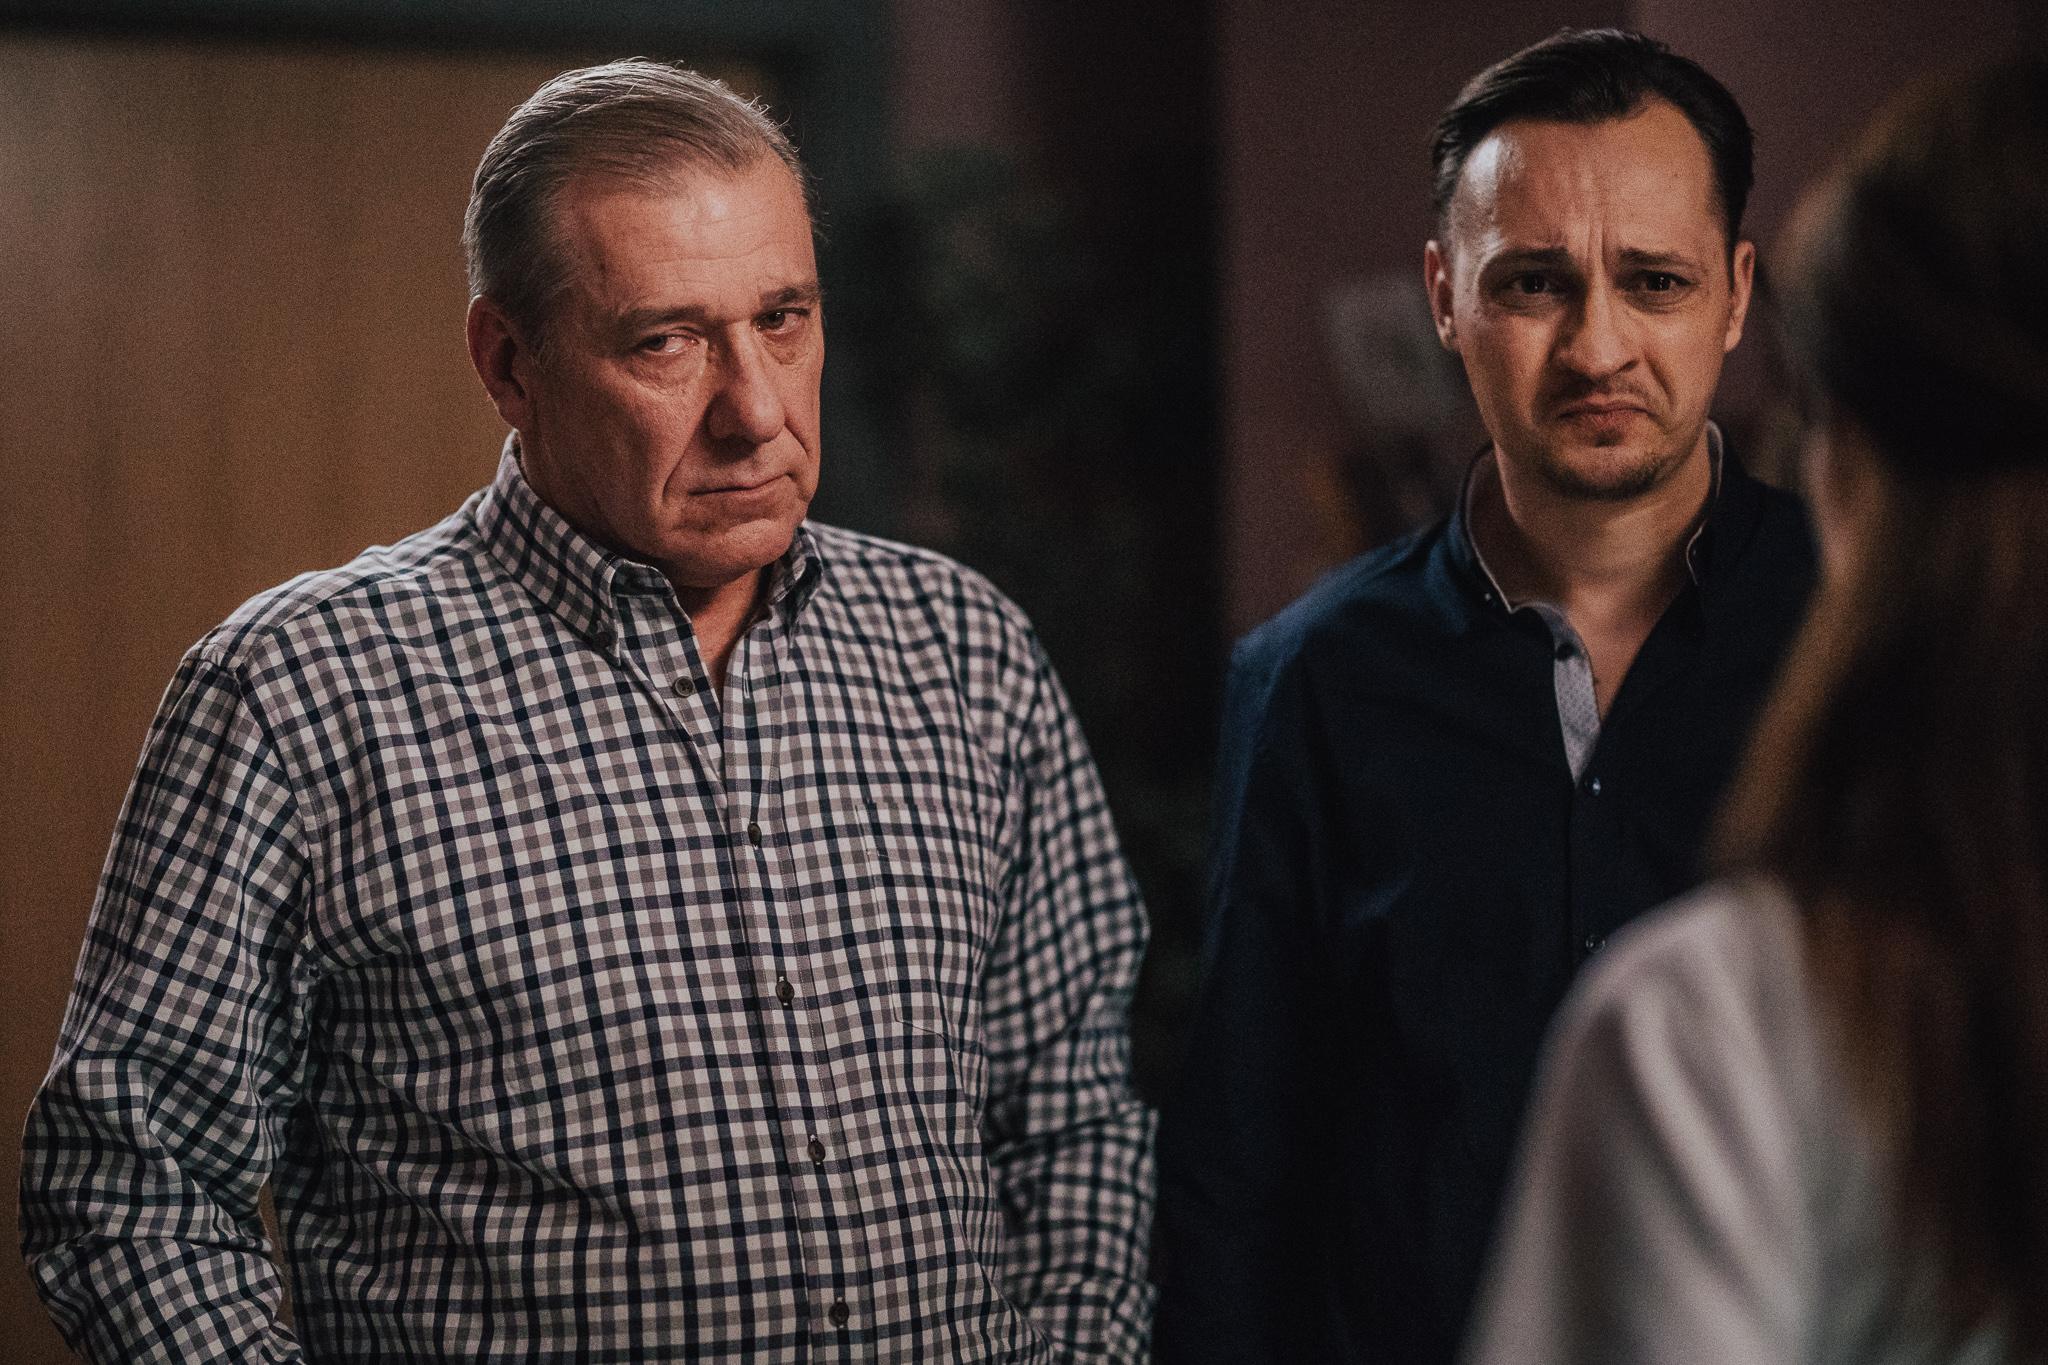 'Reka ljubezni' season 2 (2018)    Production: Perfo    Director: Niko Vodosek    DOP: Maks Susnik    In frame: Ales Valic, Blaz Setnikar